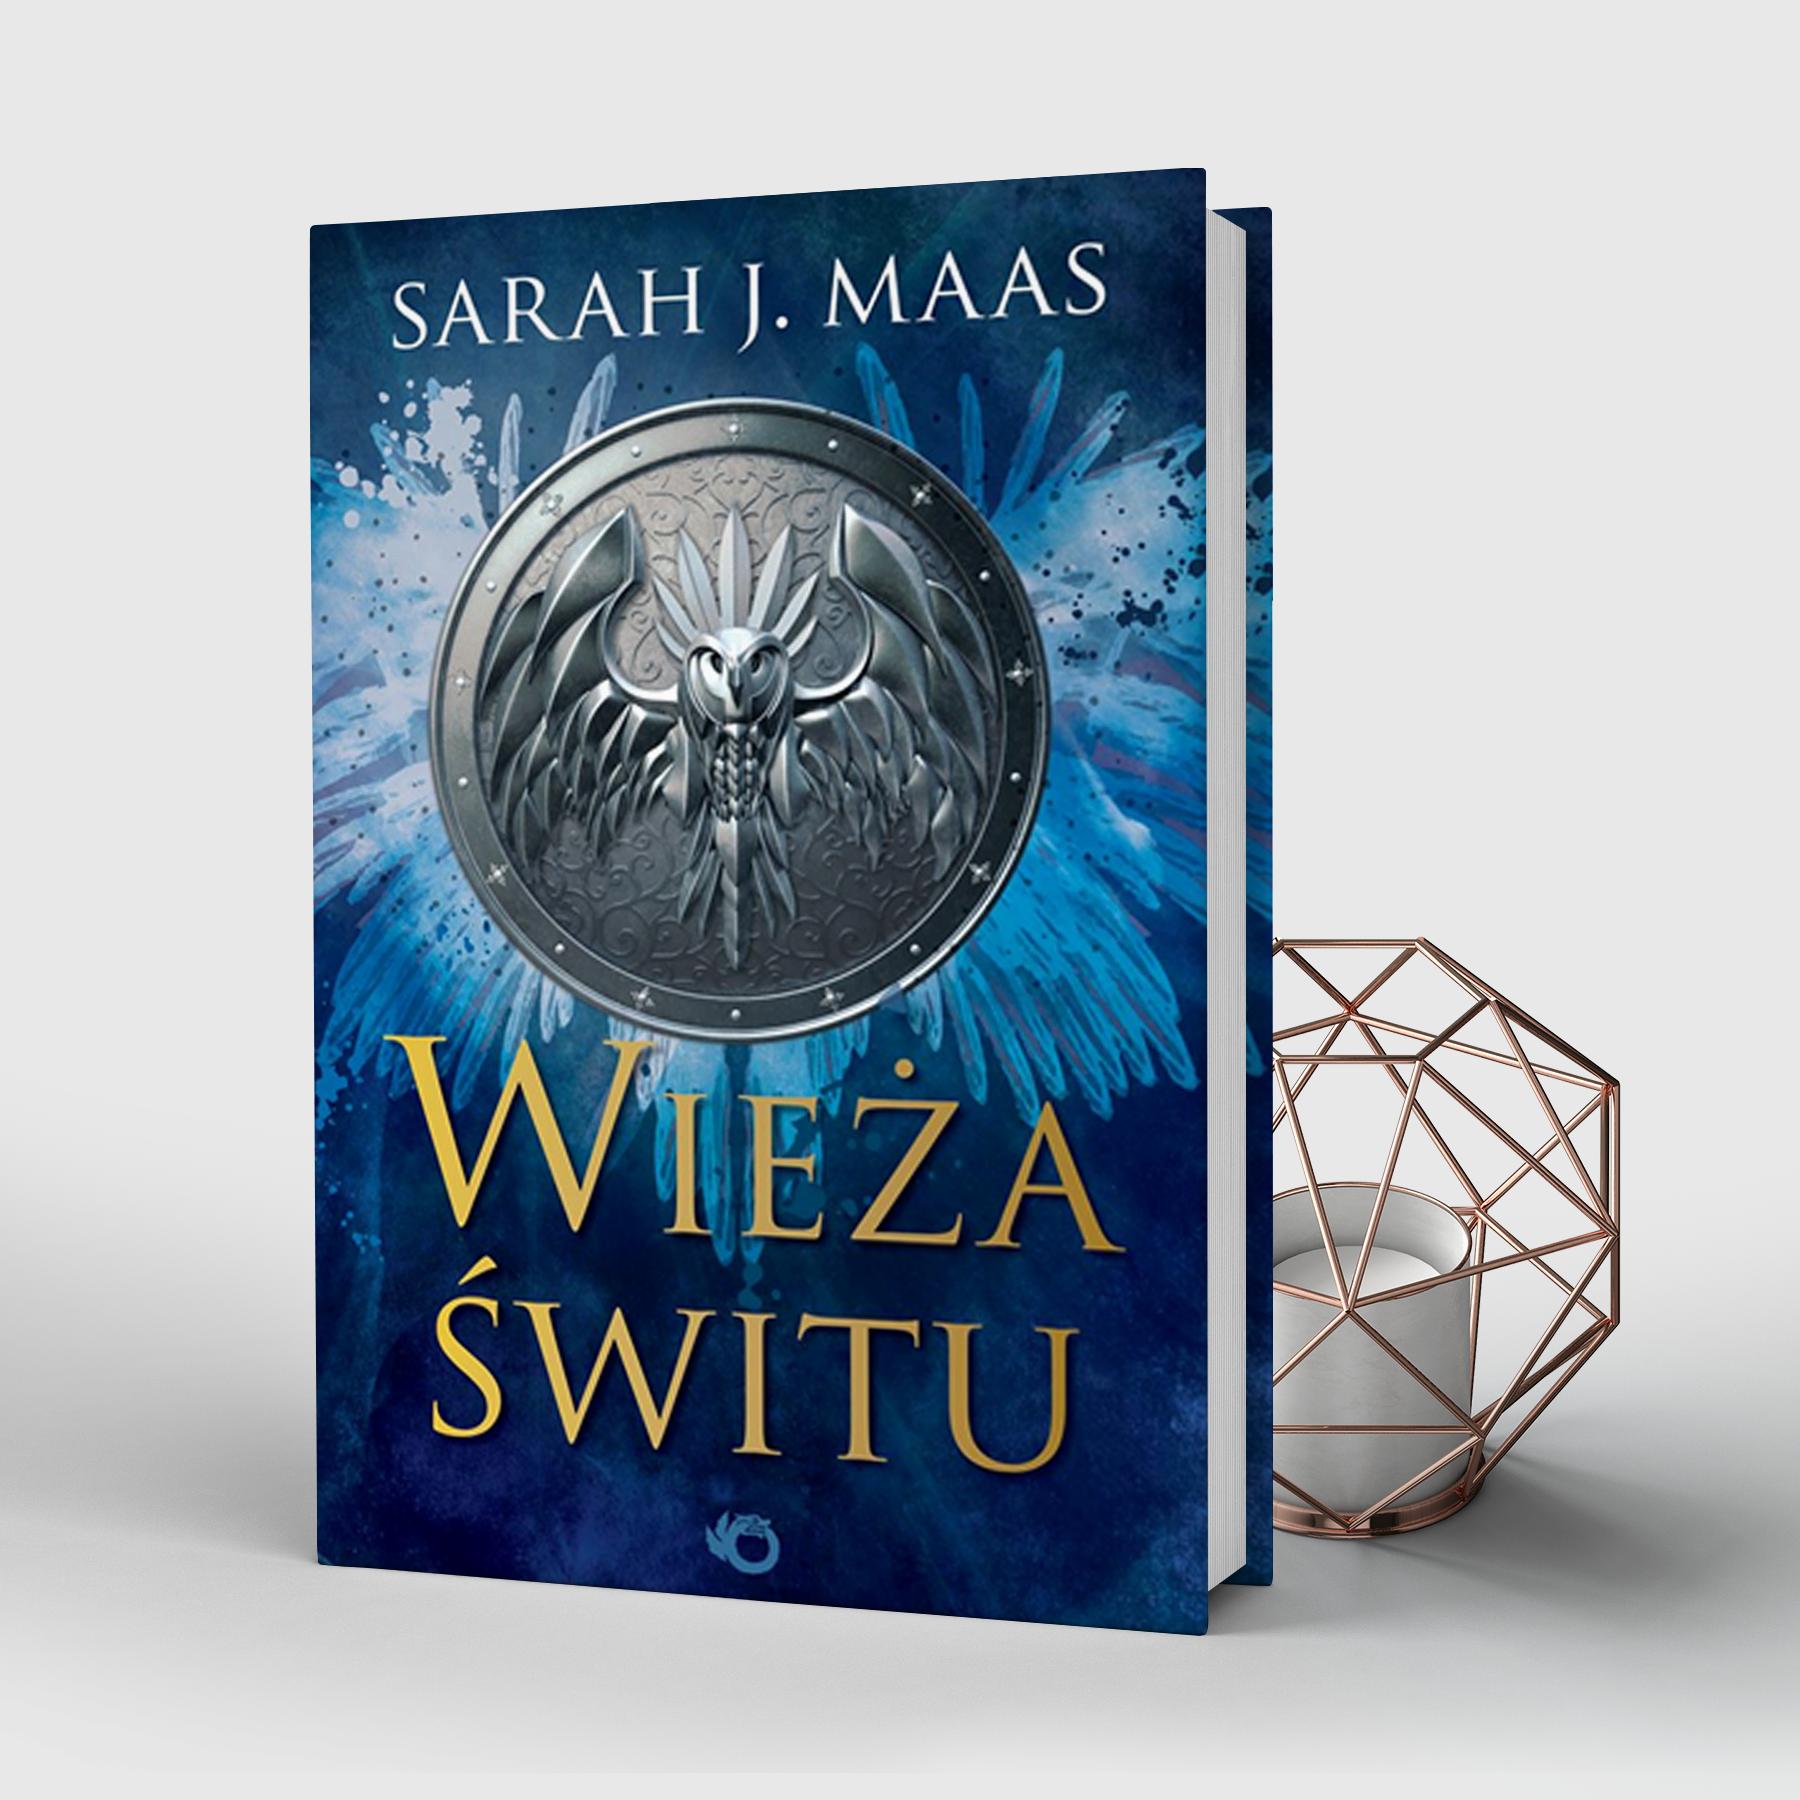 Wieża świtu, Tower of Dawn, Sarah J. Maas, Wydawnictwo Uroboros